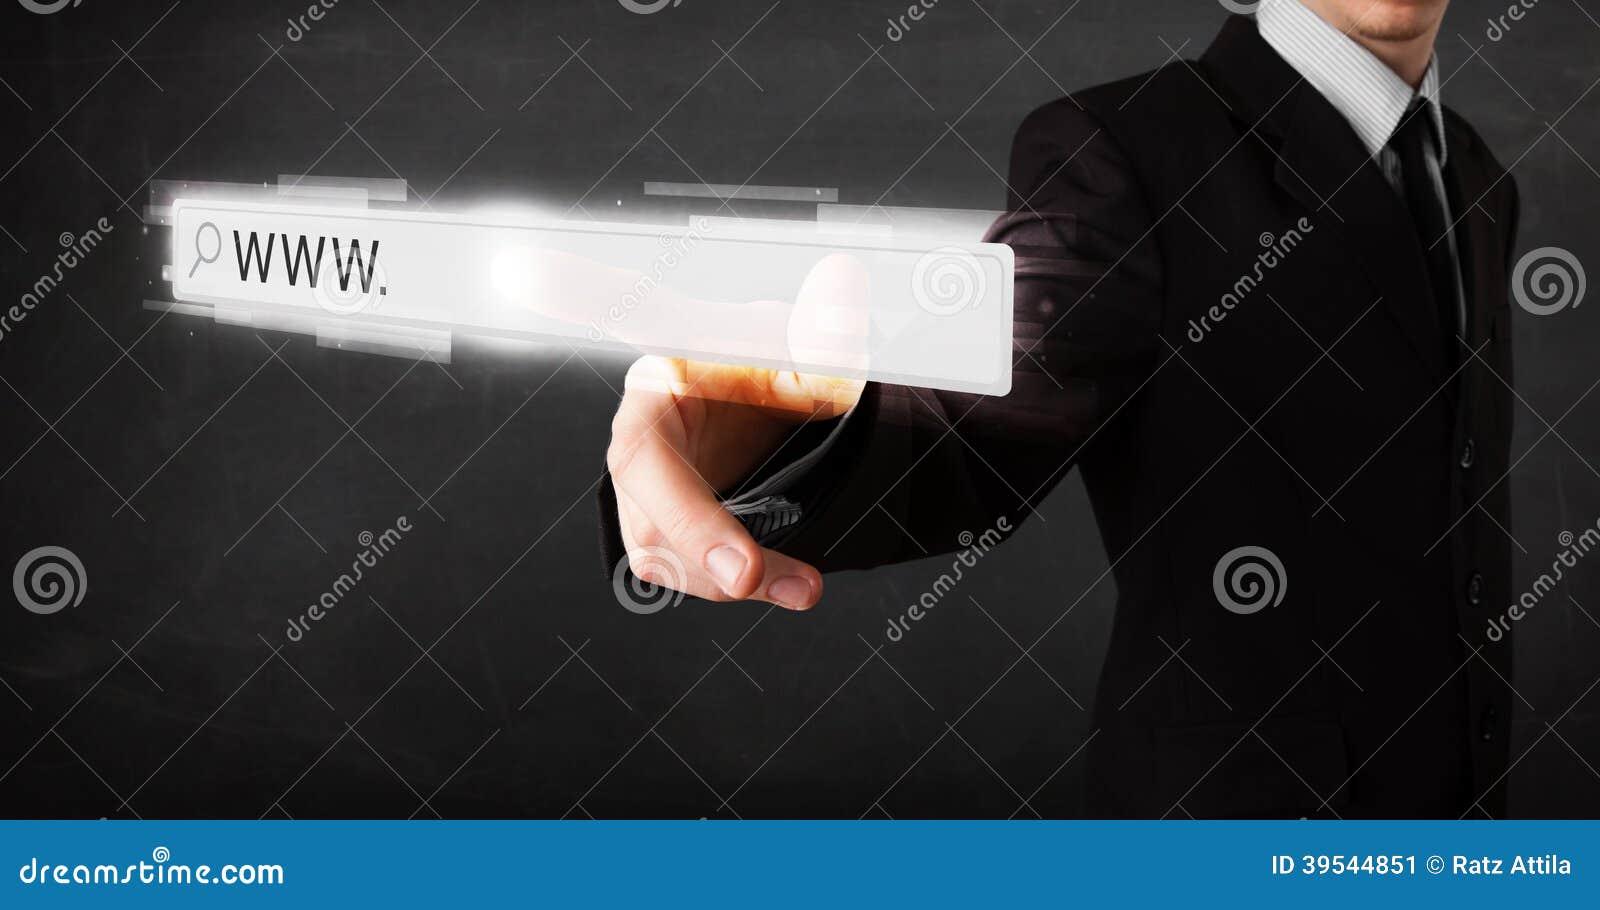 Barre émouvante d adresse de web browser de jeune homme d affaires avec le signe de WWW